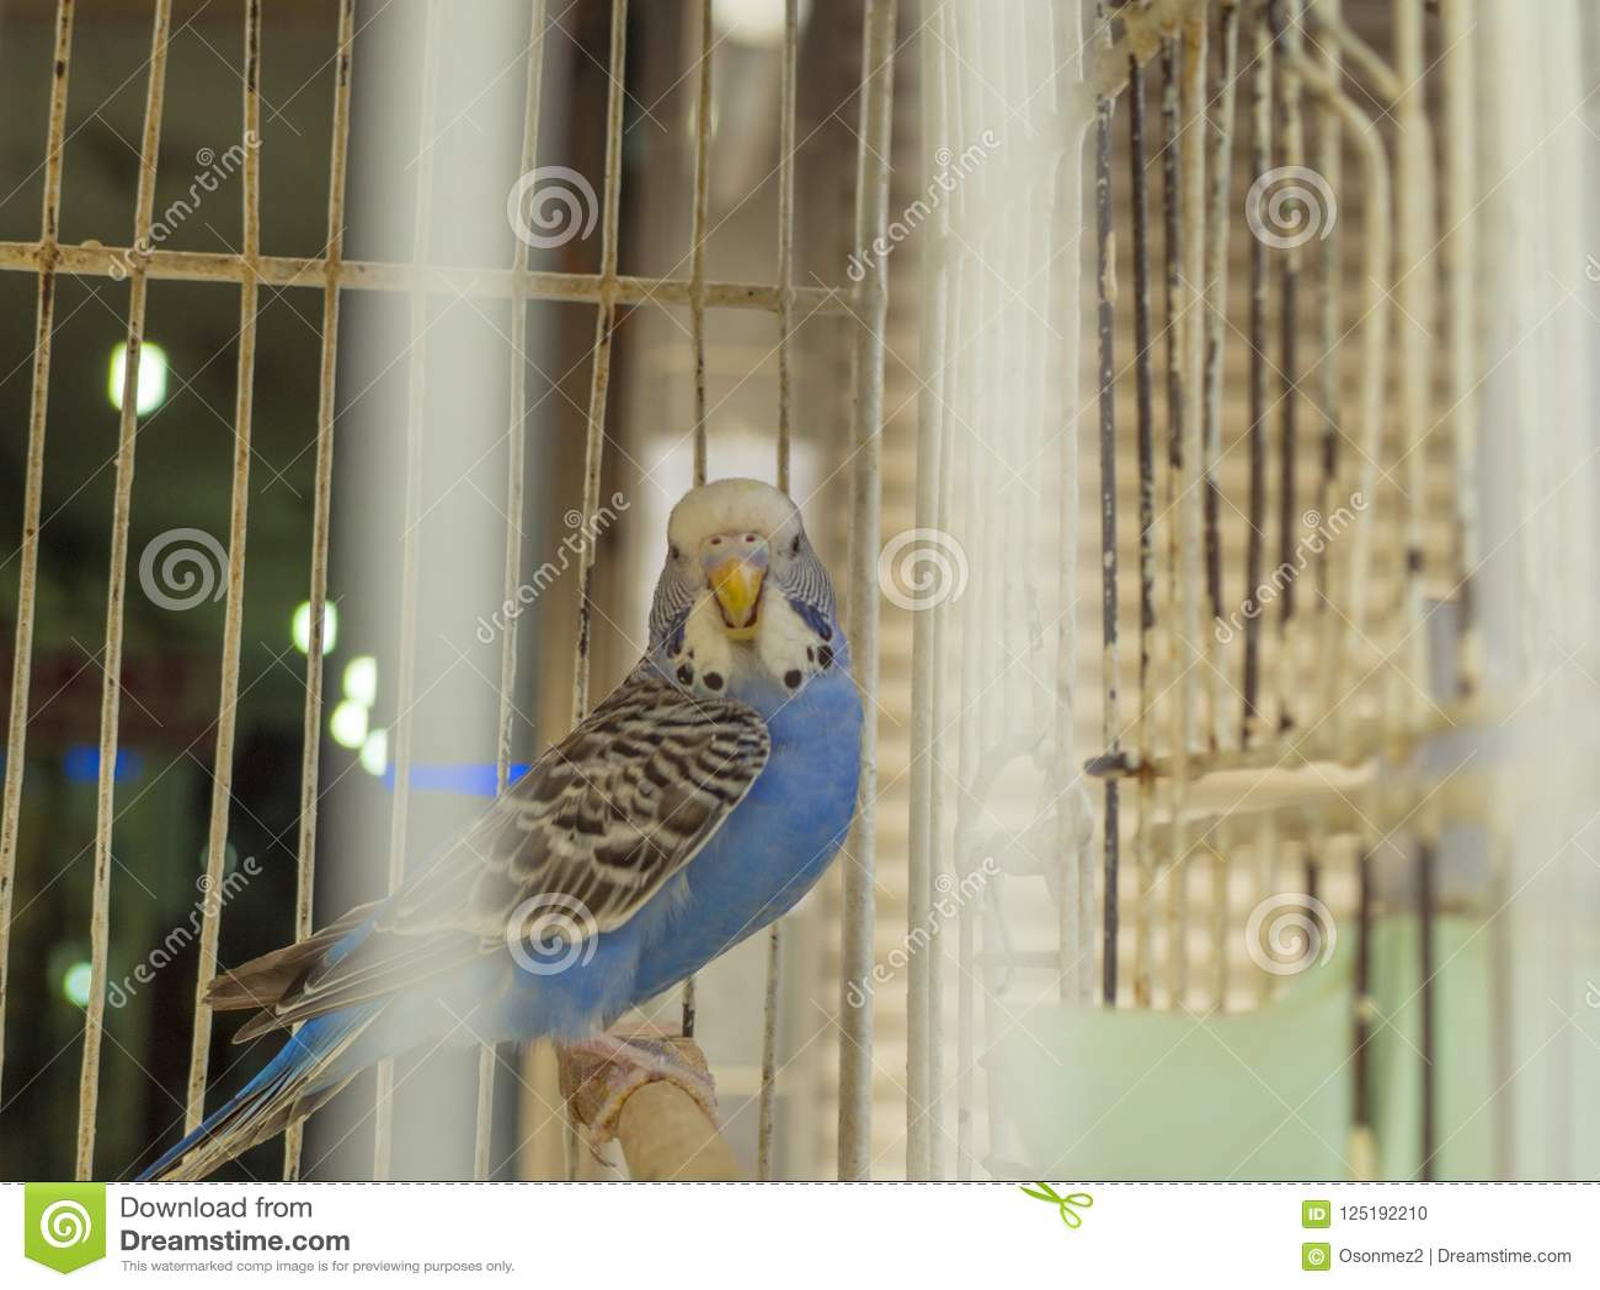 在通过笼子出现的笼子的蓝色budgie鸟盯梢